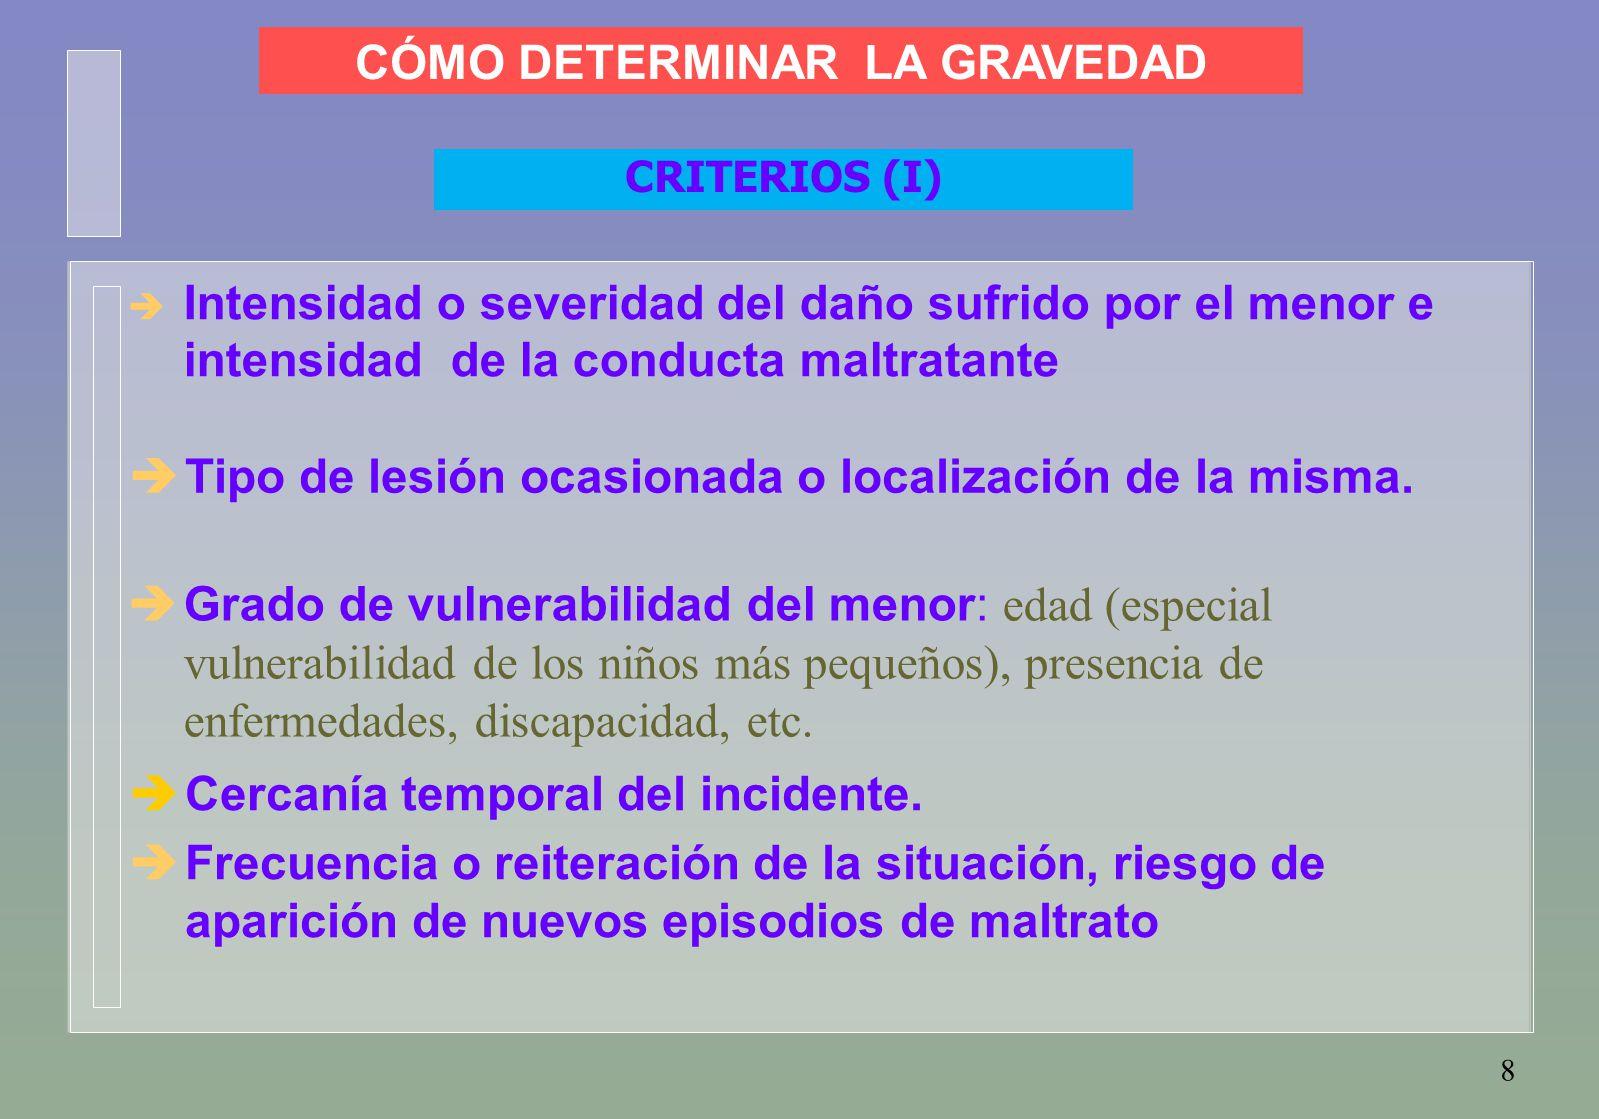 8  Intensidad o severidad del daño sufrido por el menor e intensidad de la conducta maltratante CÓMO DETERMINAR LA GRAVEDAD CRITERIOS (I)  Tipo de lesión ocasionada o localización de la misma.